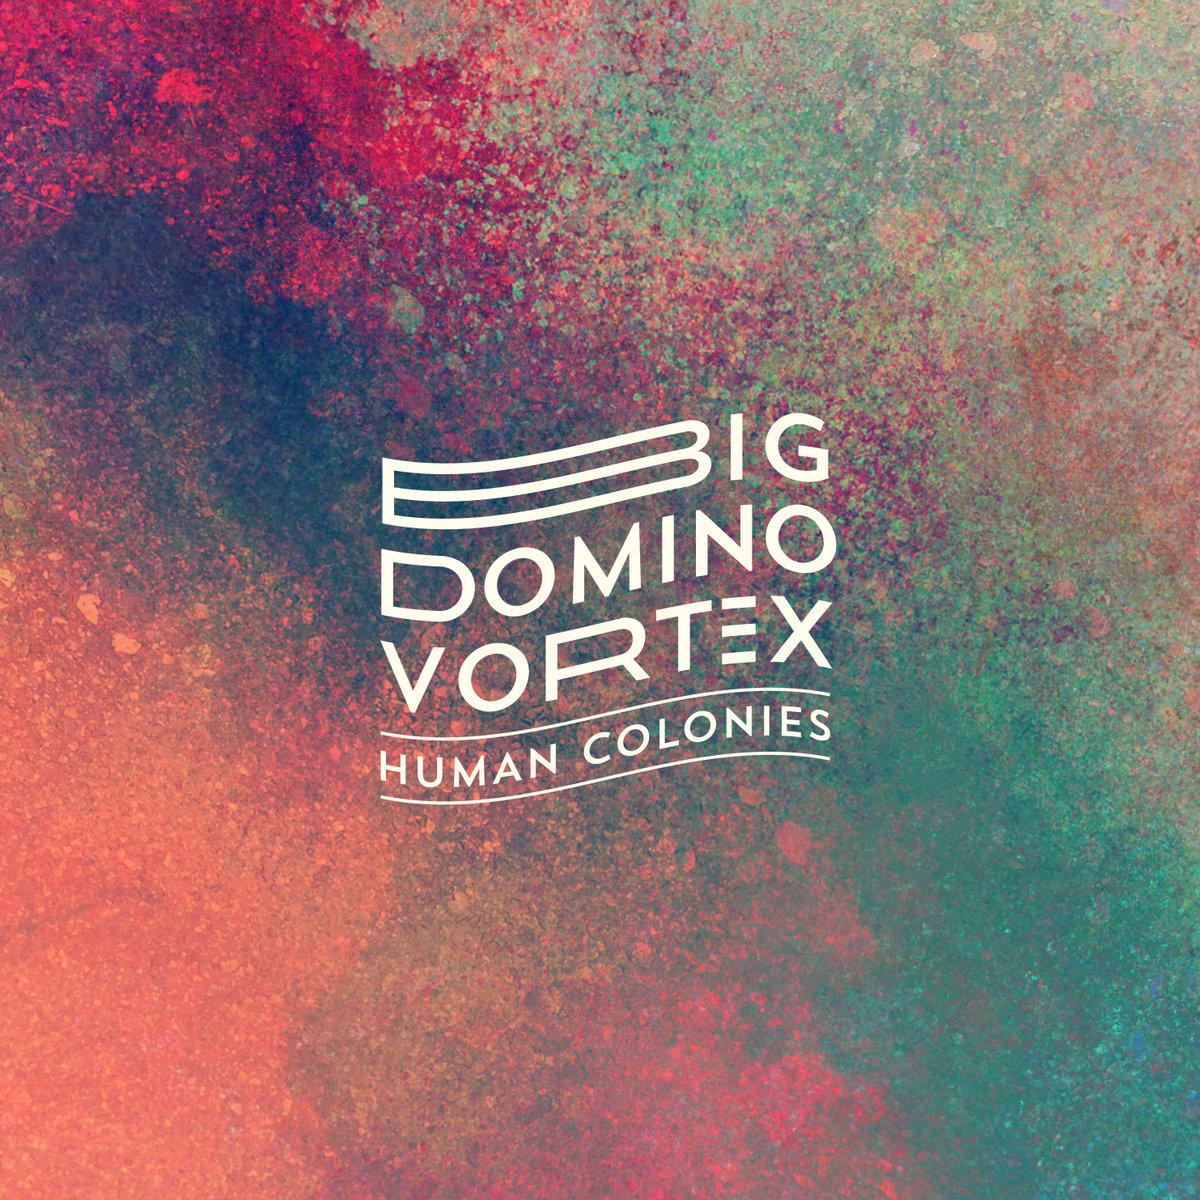 human-colonies-big-domino-vortex